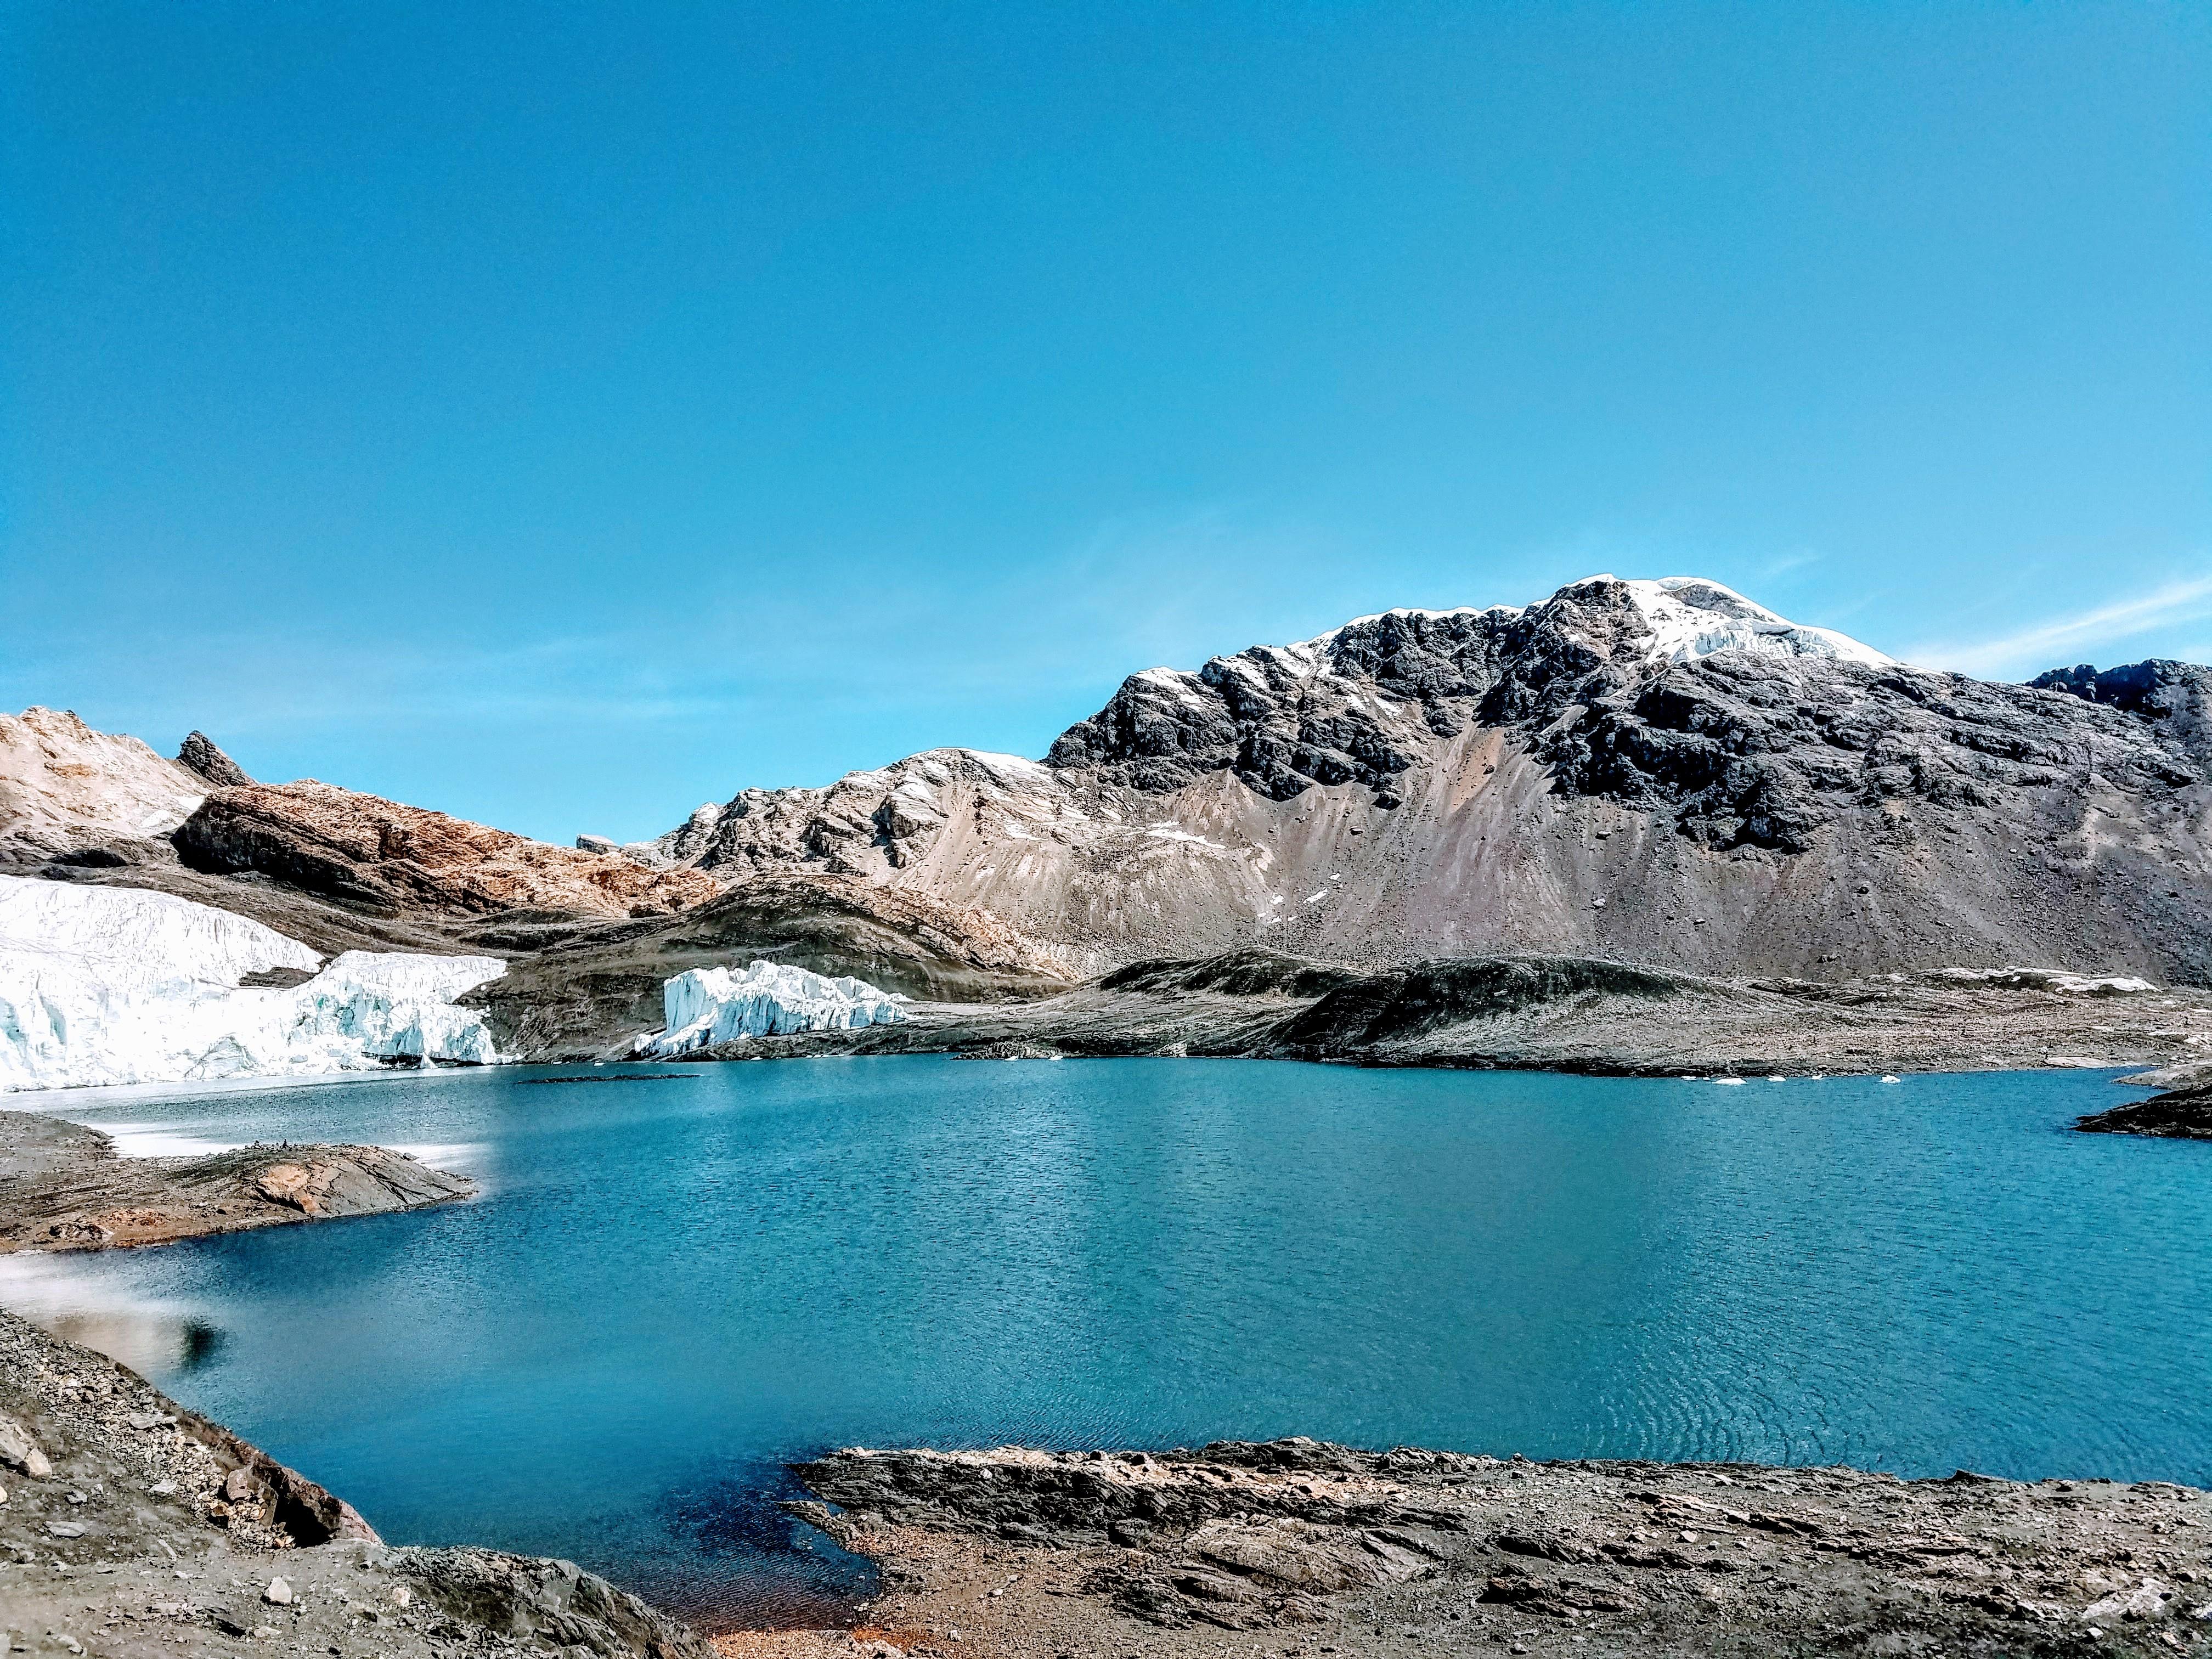 Pastoruri Glacier, Peru